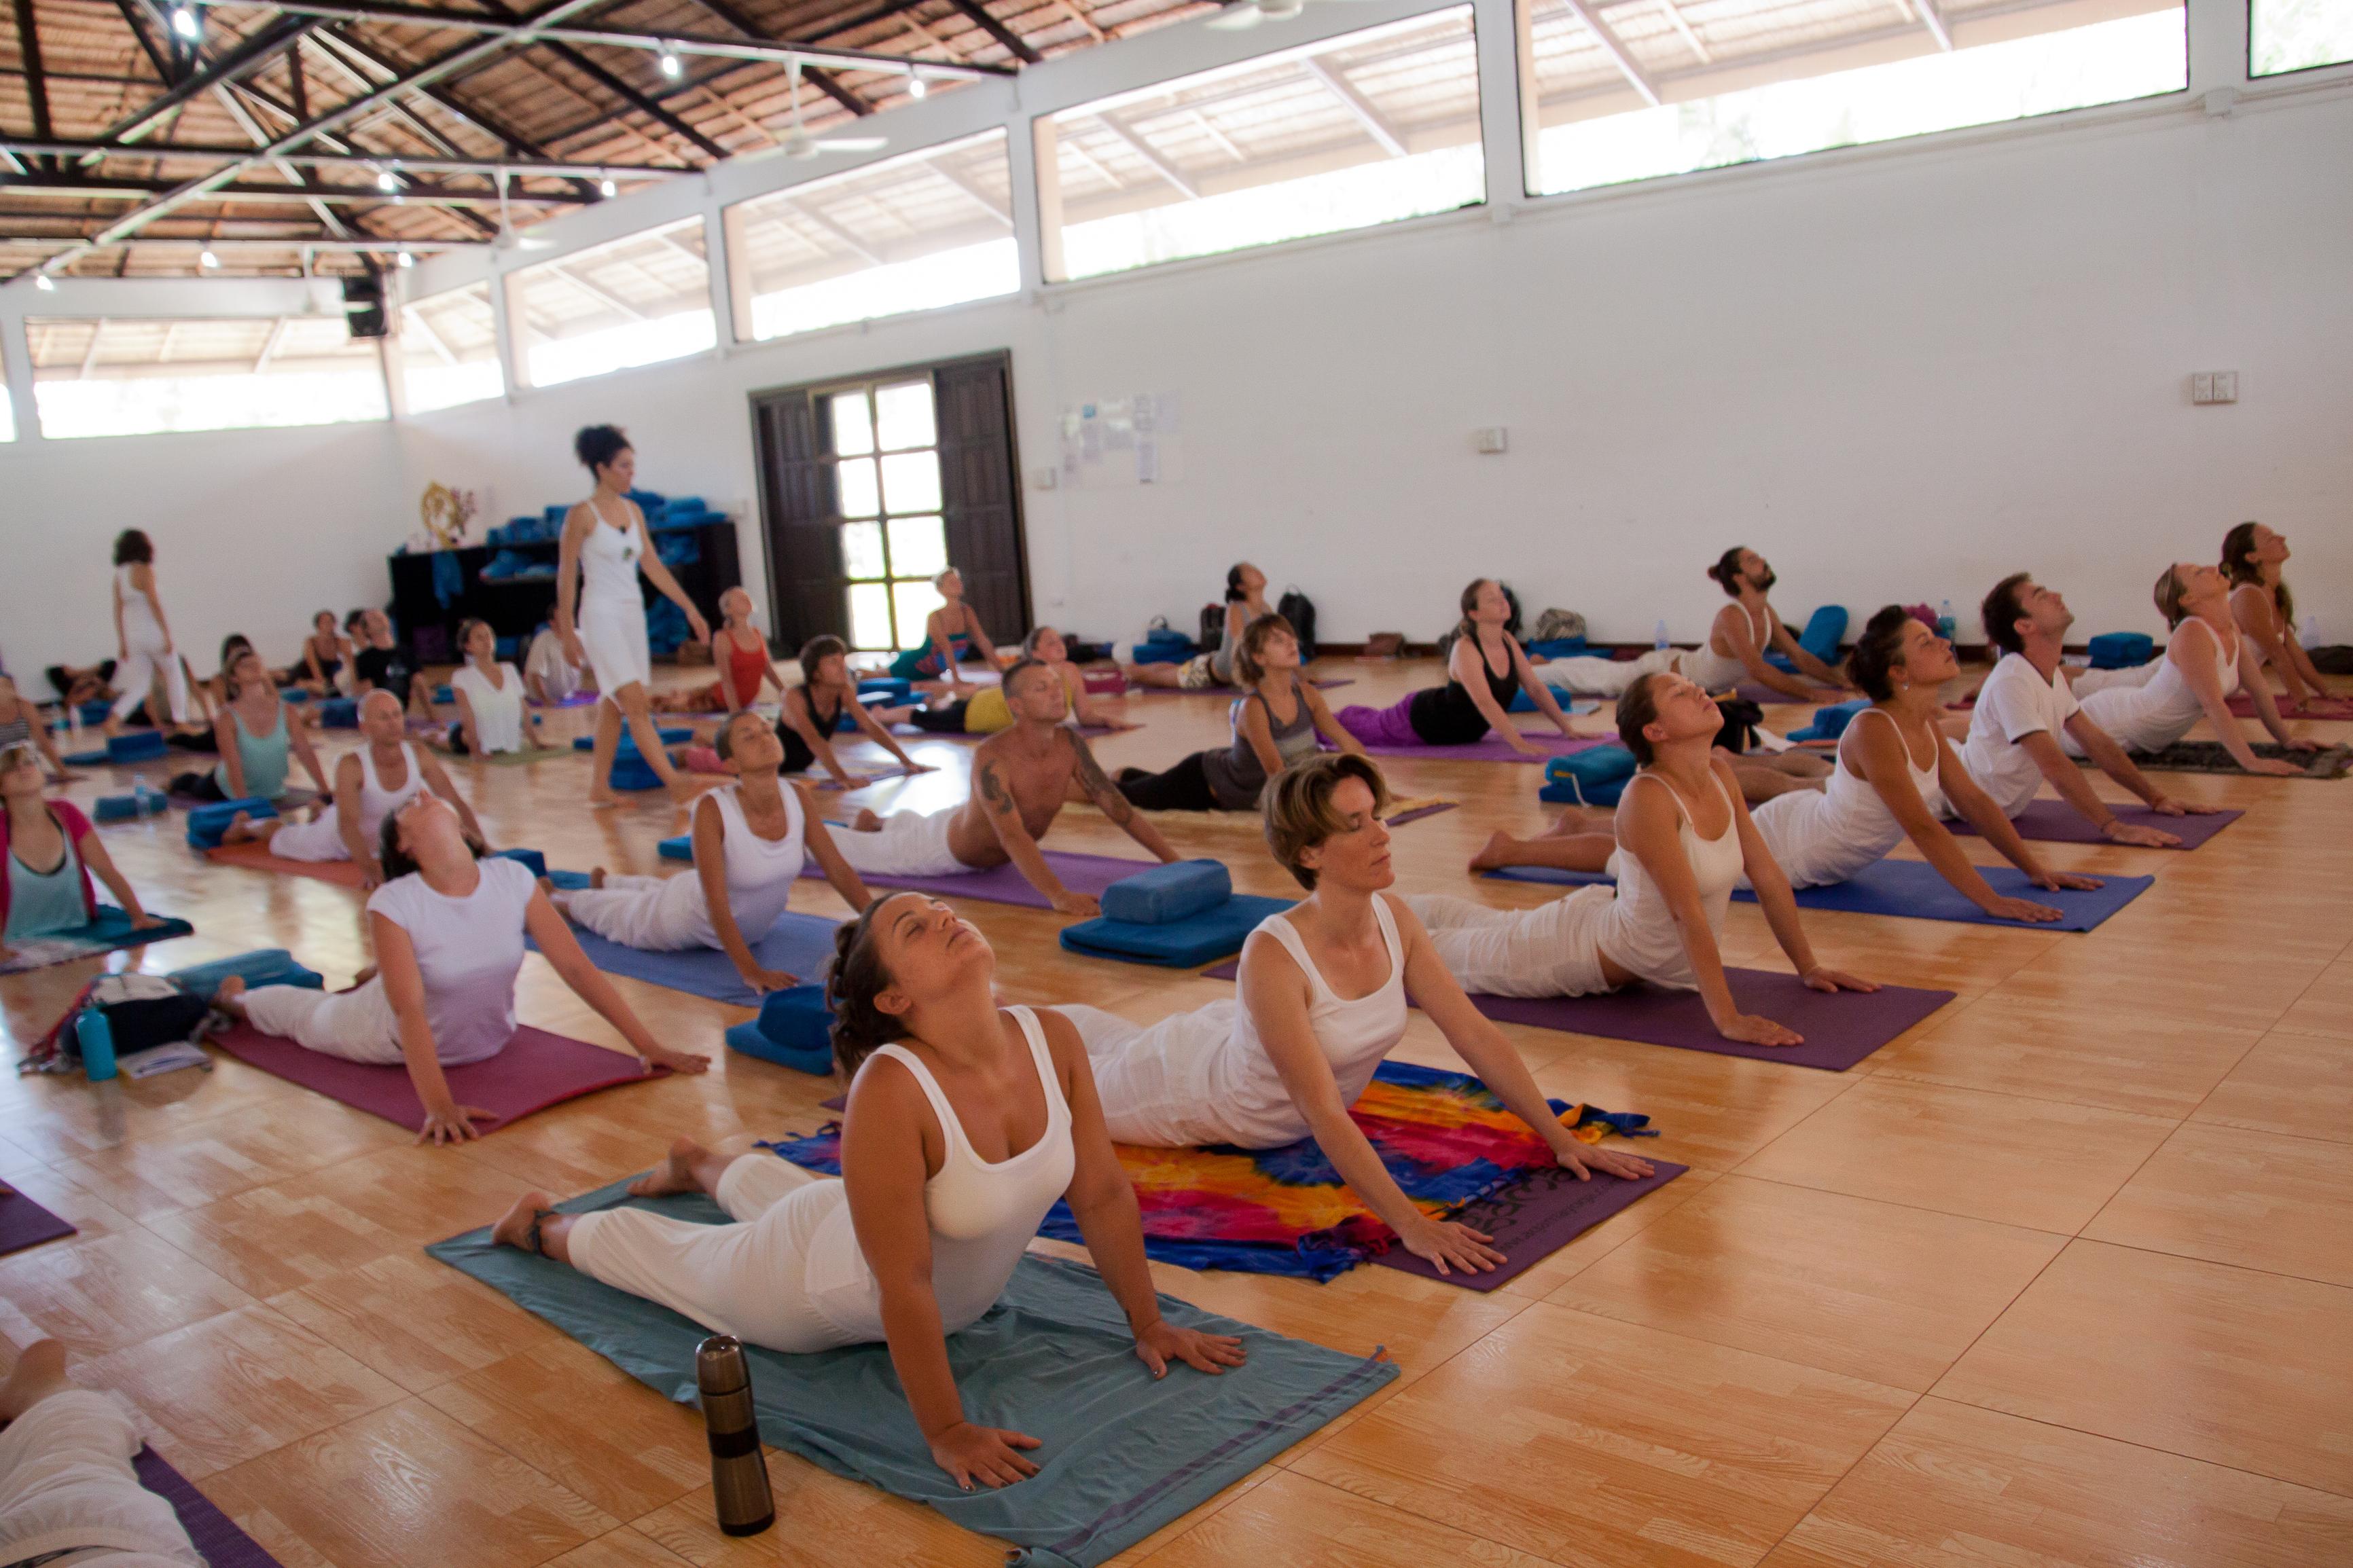 A escola de yoga na Tailândia que atrai pessoas do mundo inteiro